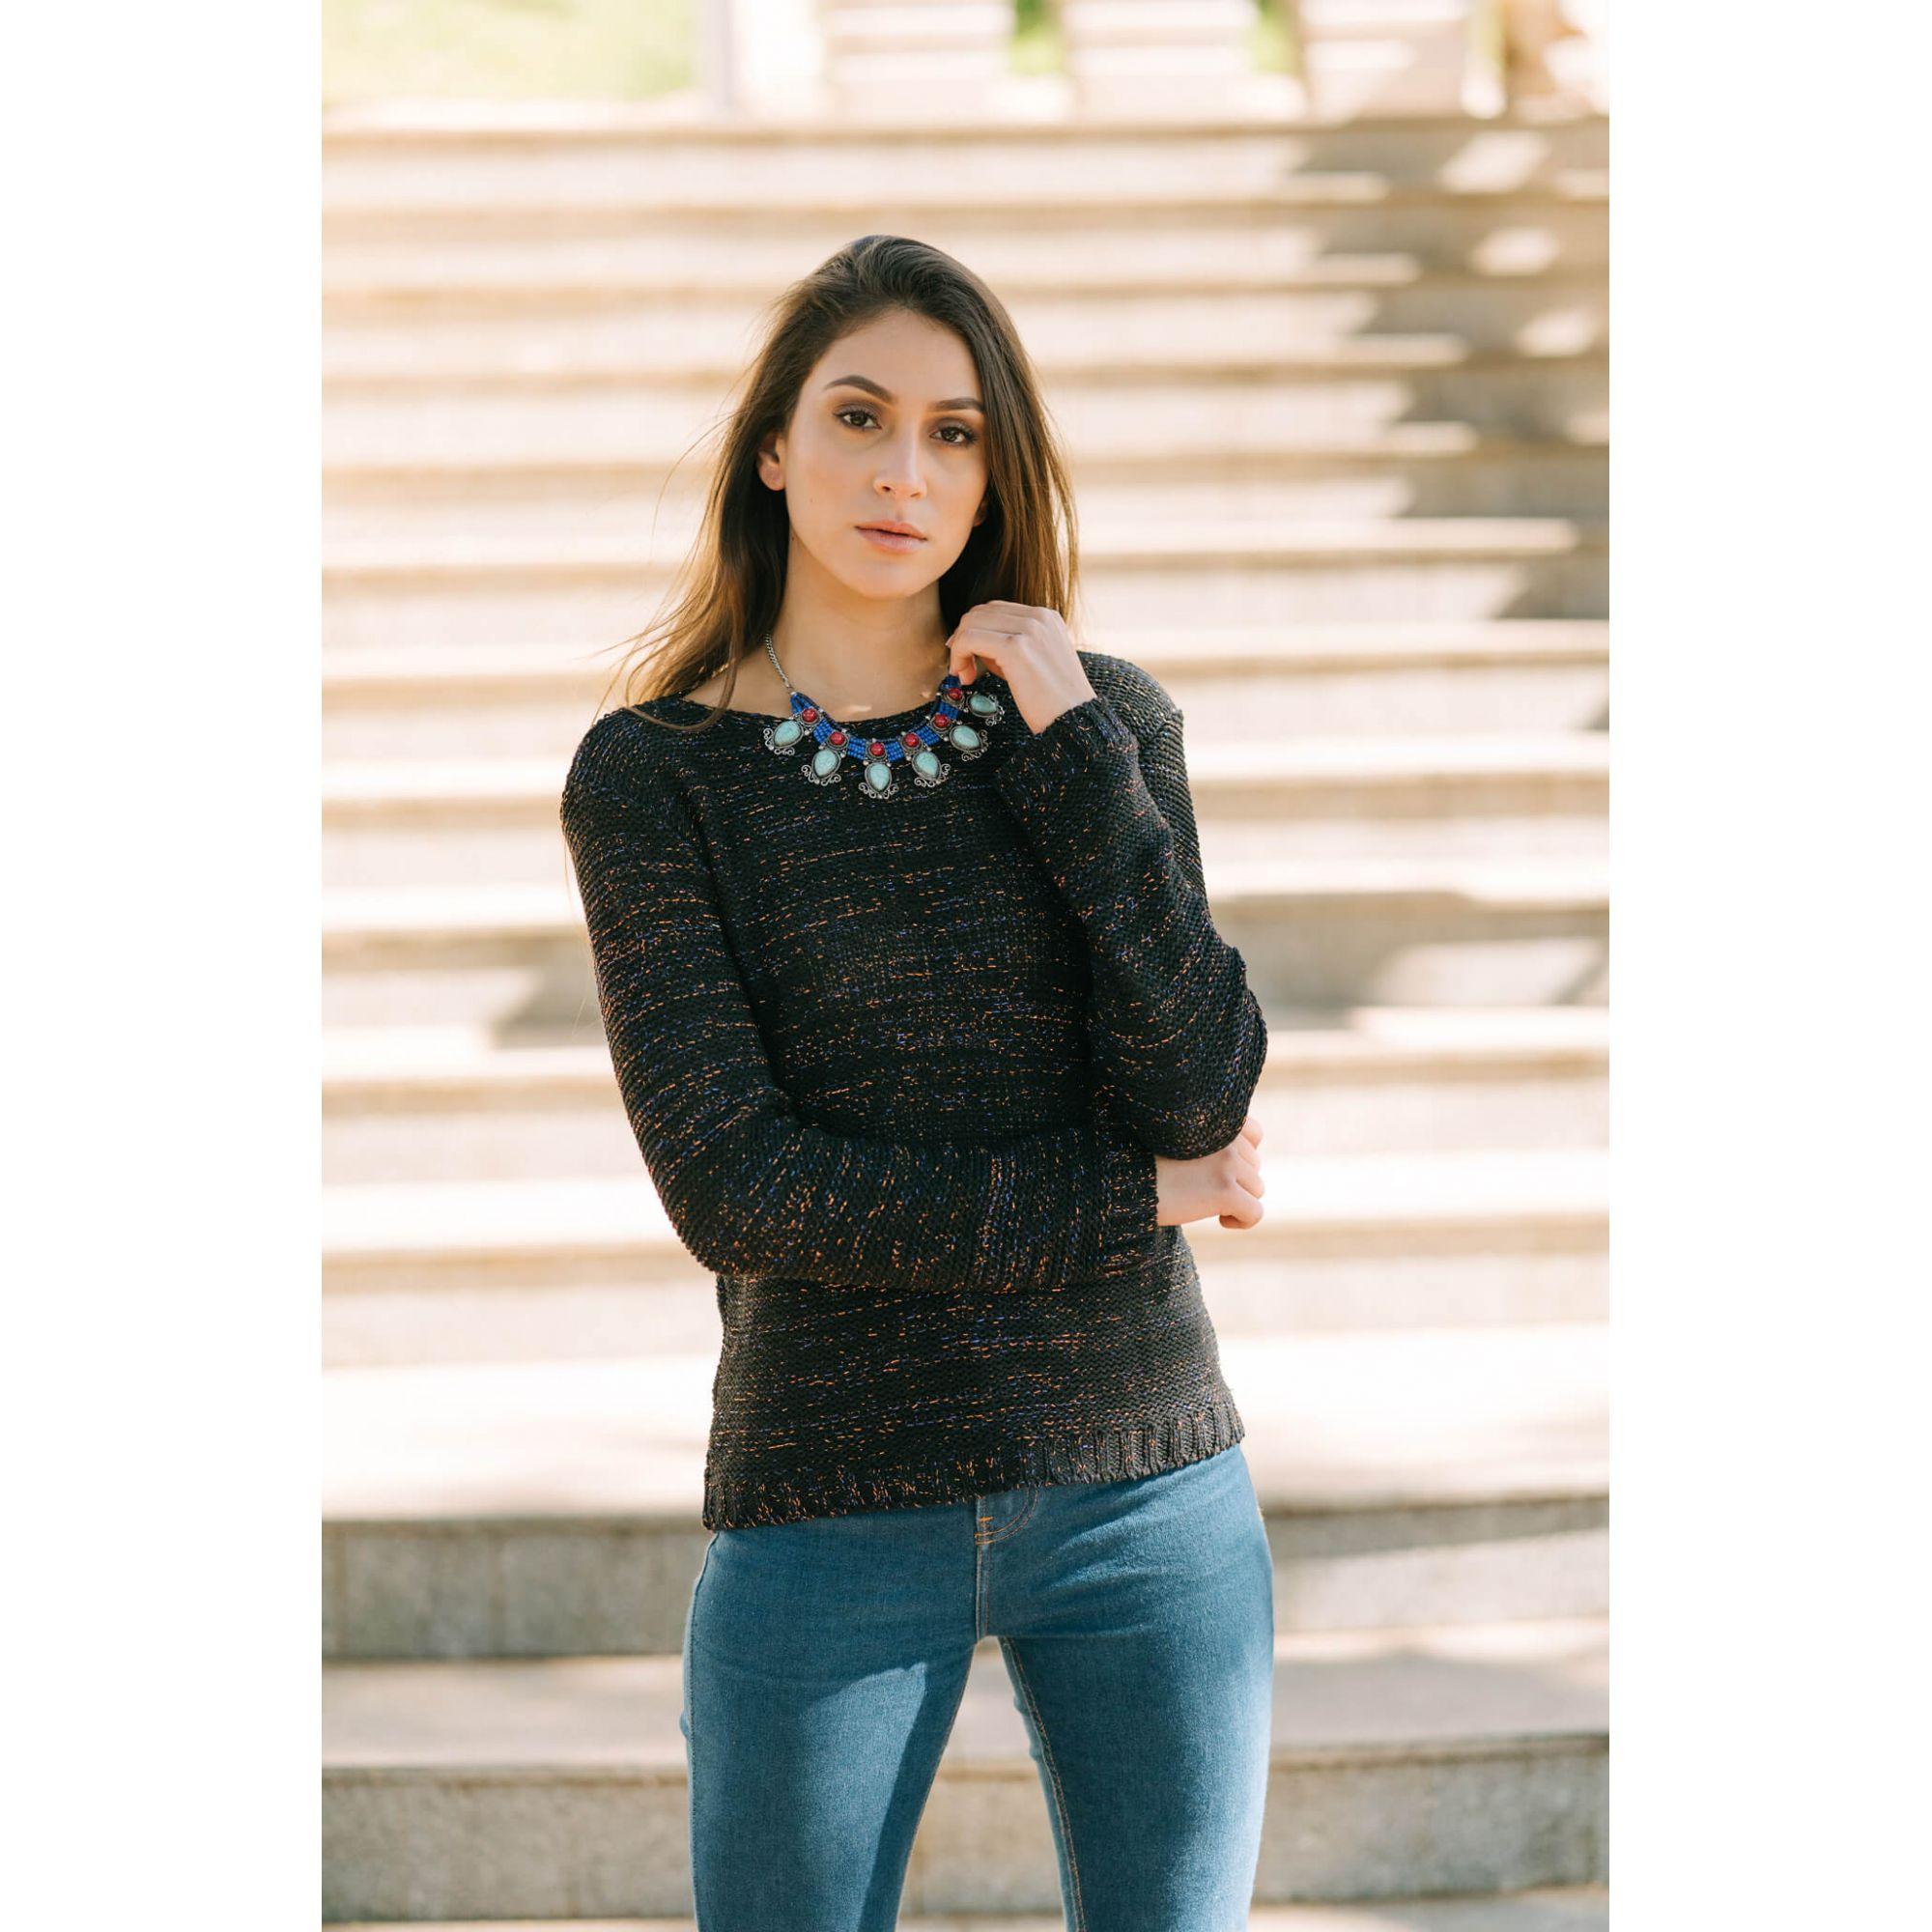 blusa tons mescla moda blogueira instagran inverno tendencia